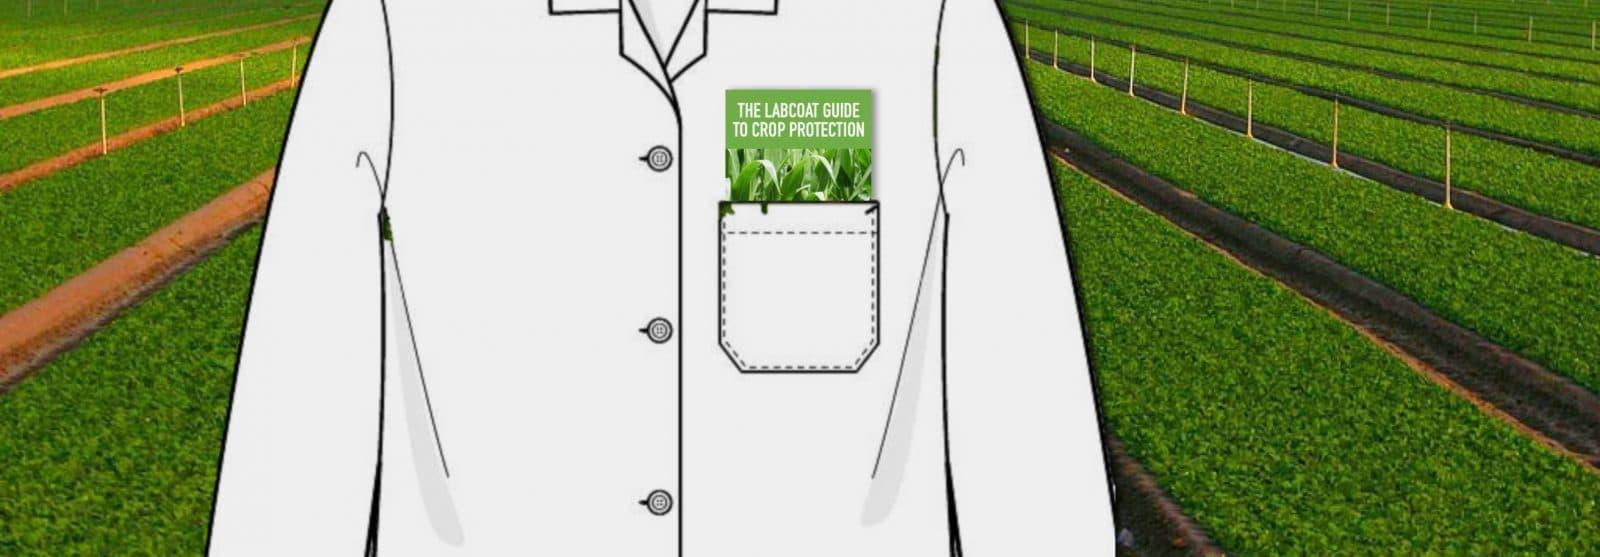 Labcoat guide